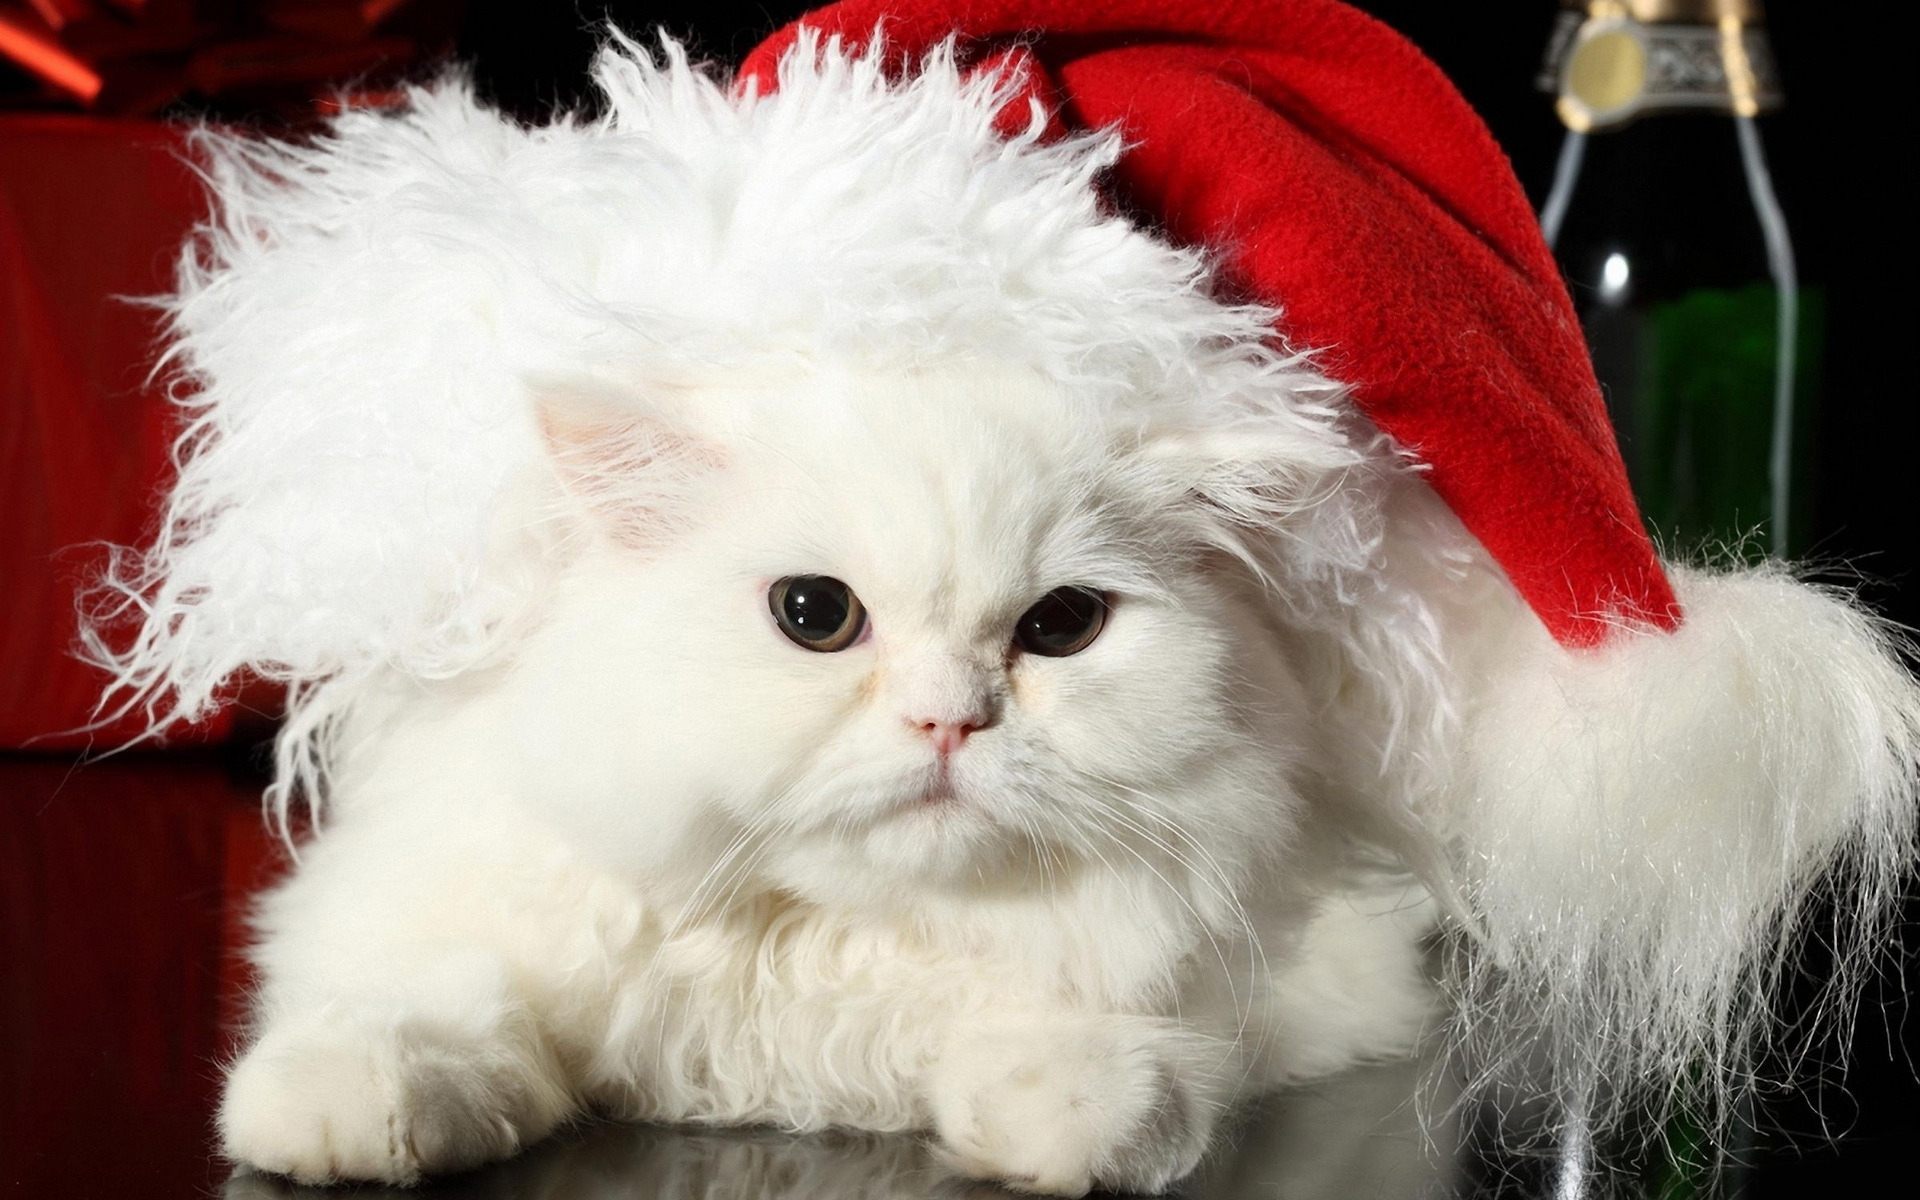 27999 Заставки и Обои Новый Год (New Year) на телефон. Скачать Новый Год (New Year), Праздники, Животные, Кошки (Коты, Котики) картинки бесплатно